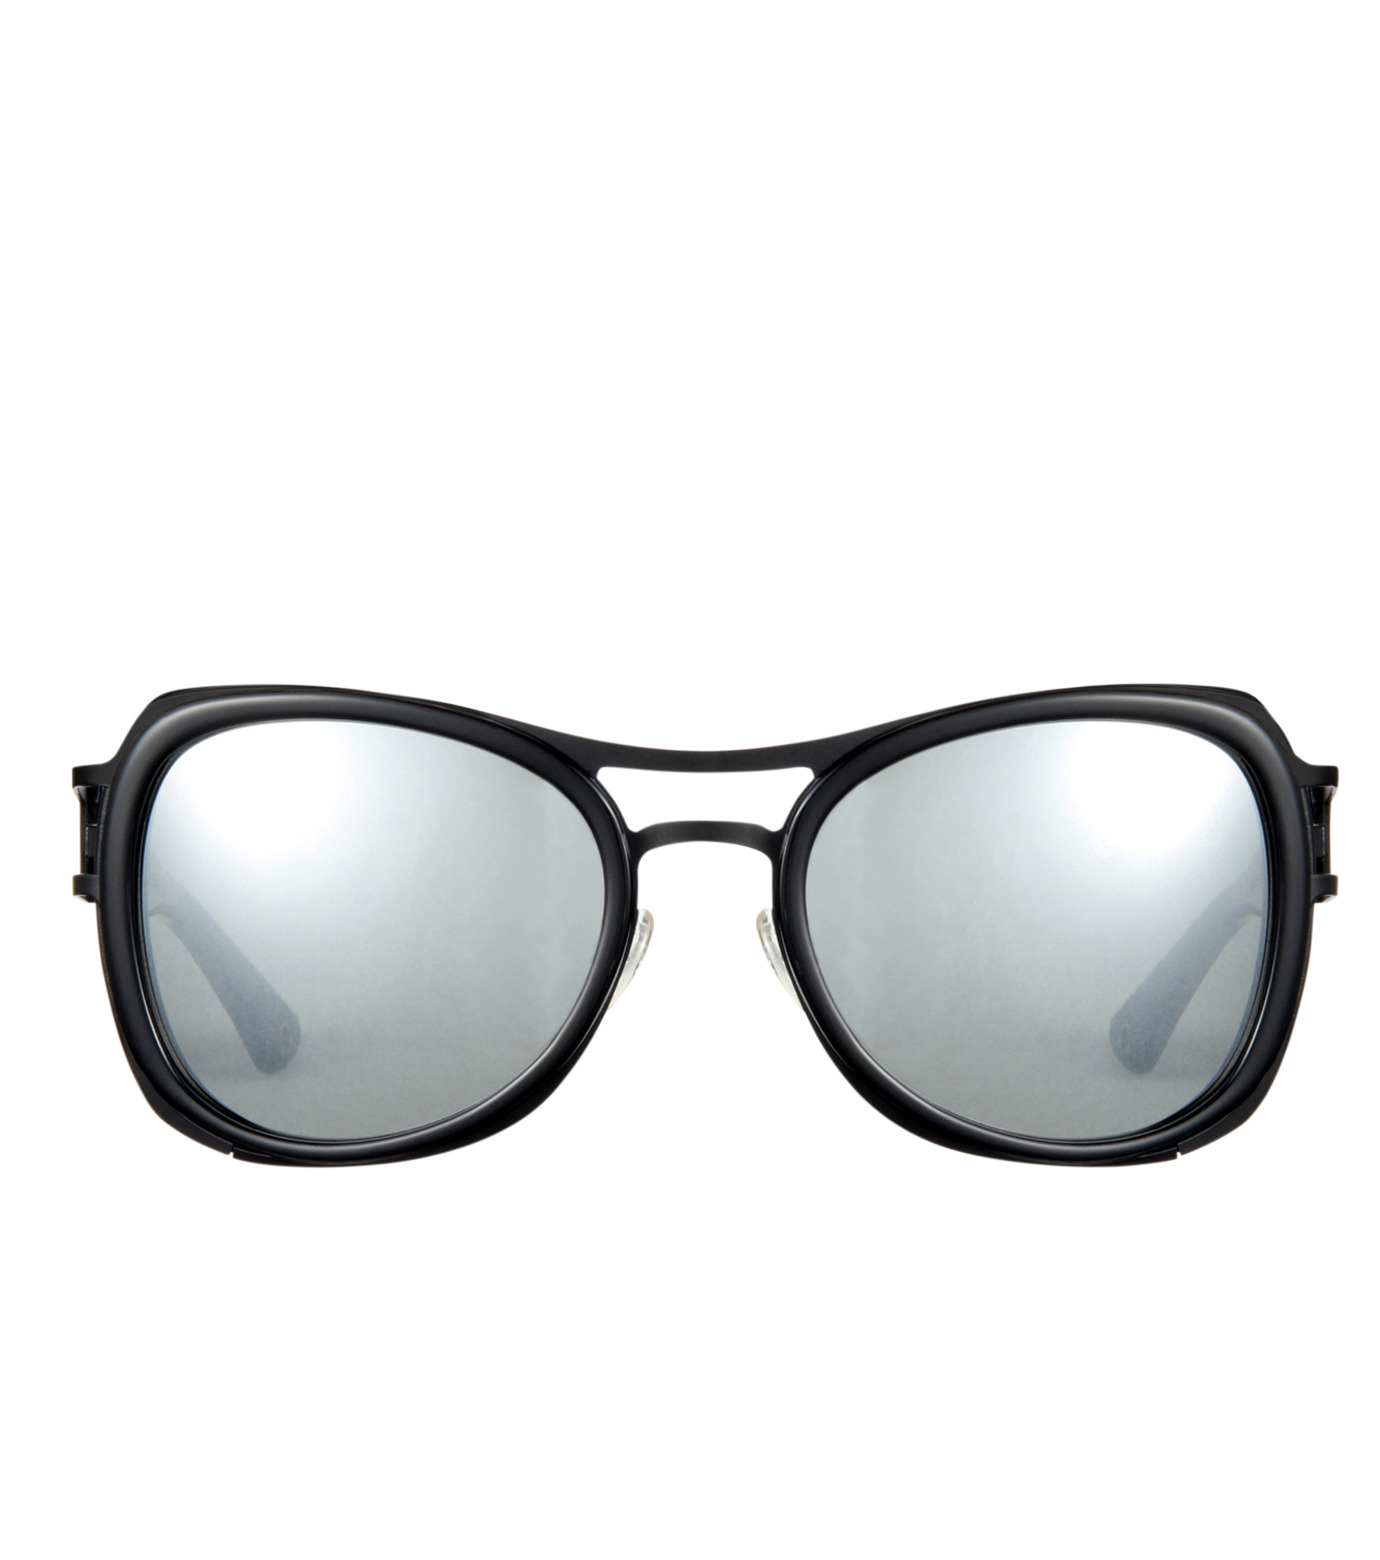 Moncler Eyewear(モンクレールアイウェア)のEYEWEAR-BLACK(アイウェア/eyewear)-MC509-13 拡大詳細画像3